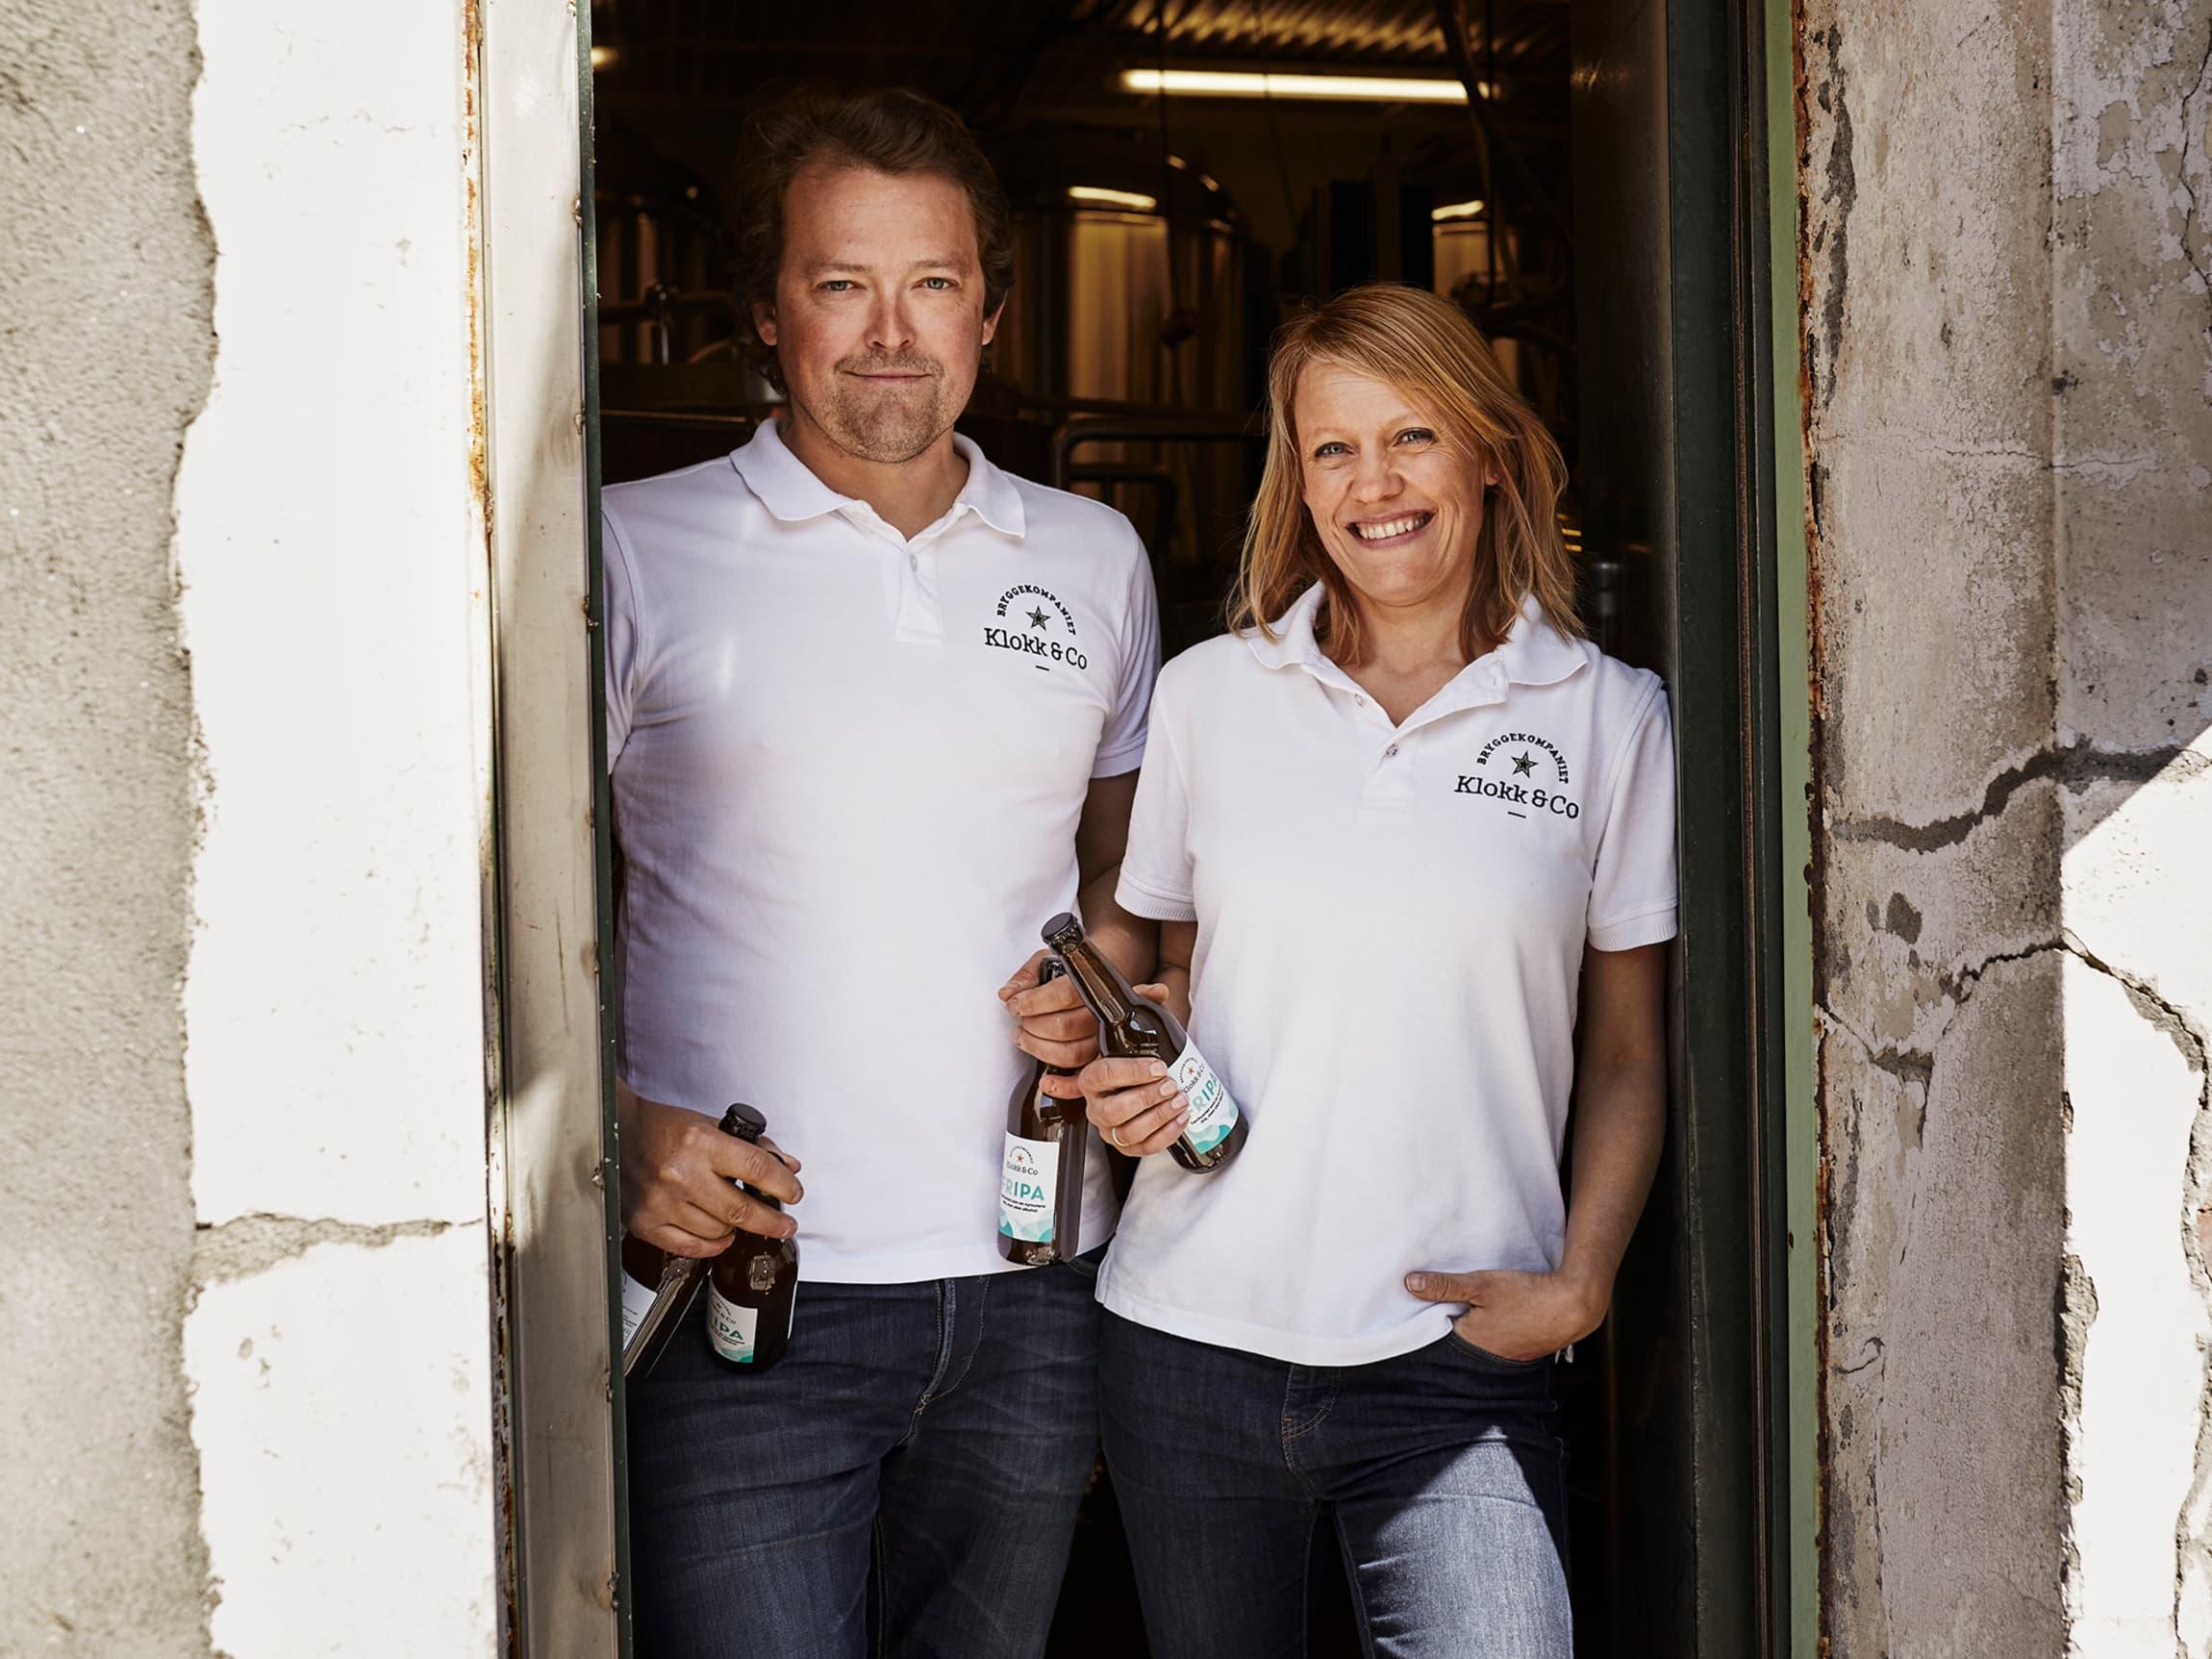 Leif og Kristine driver bryggeriet Klokk & Co hvor de brygger alkoholfritt øl.